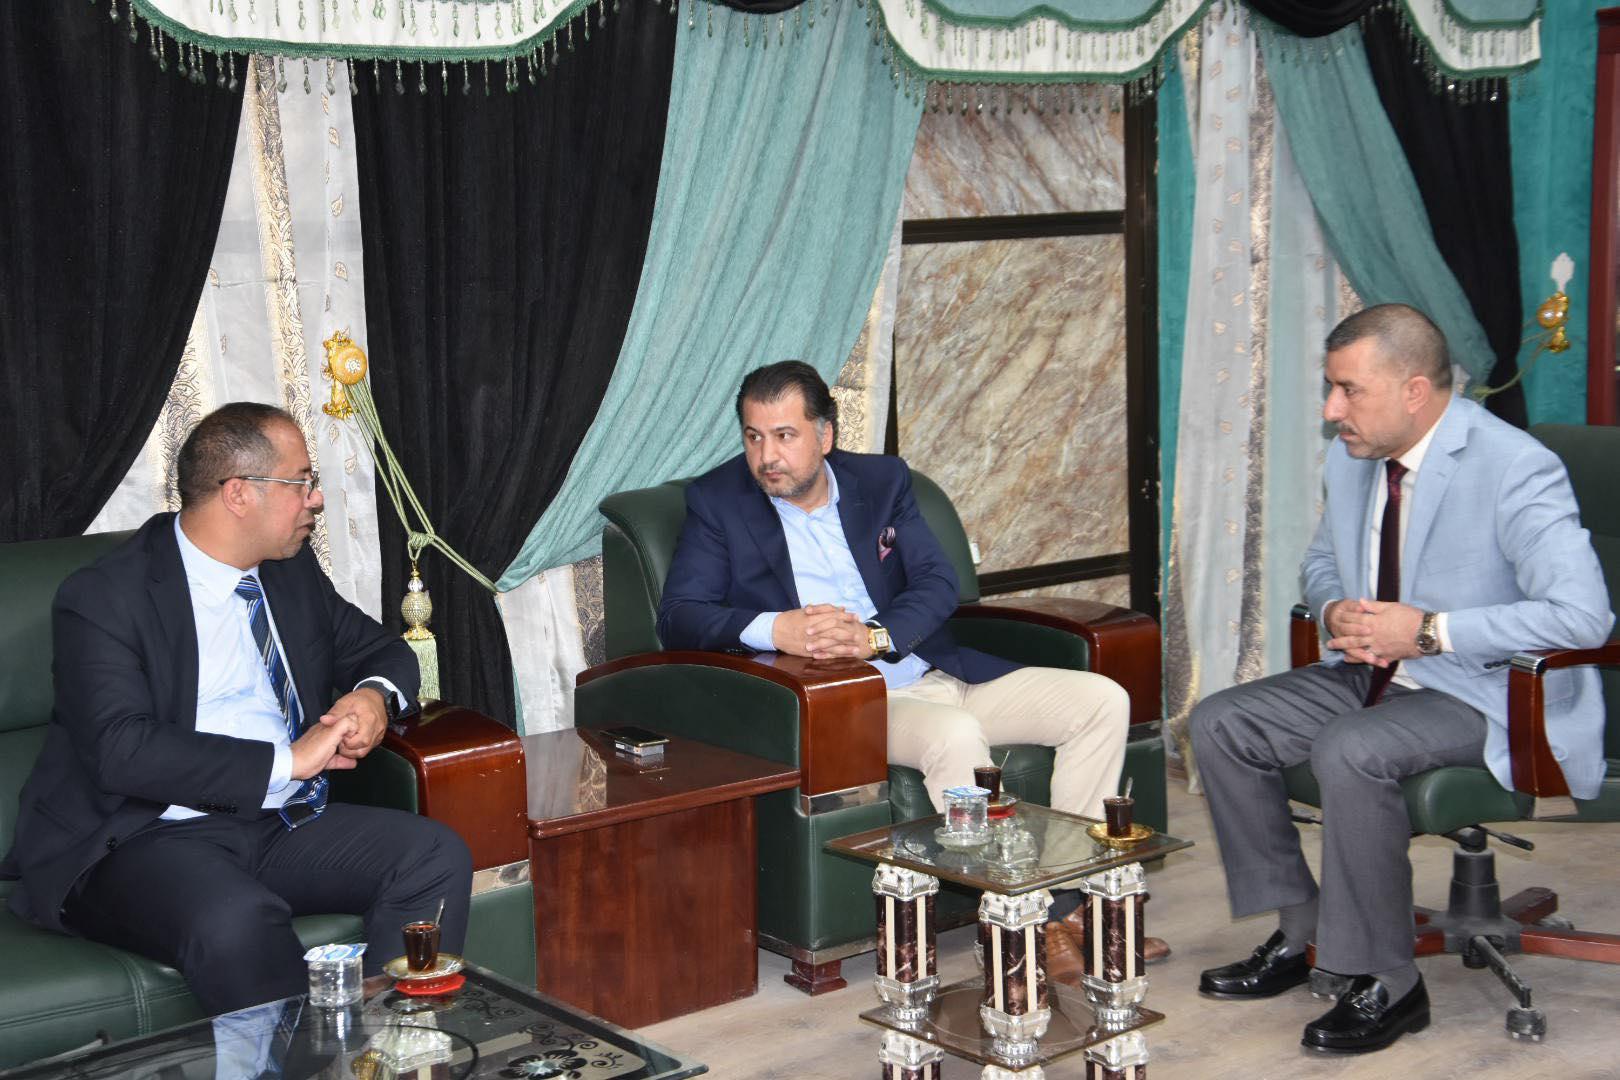 رئيس مجلس المحافظة يلتقي المدير التنفيذي لشركة سرهات التركية للمقاولات